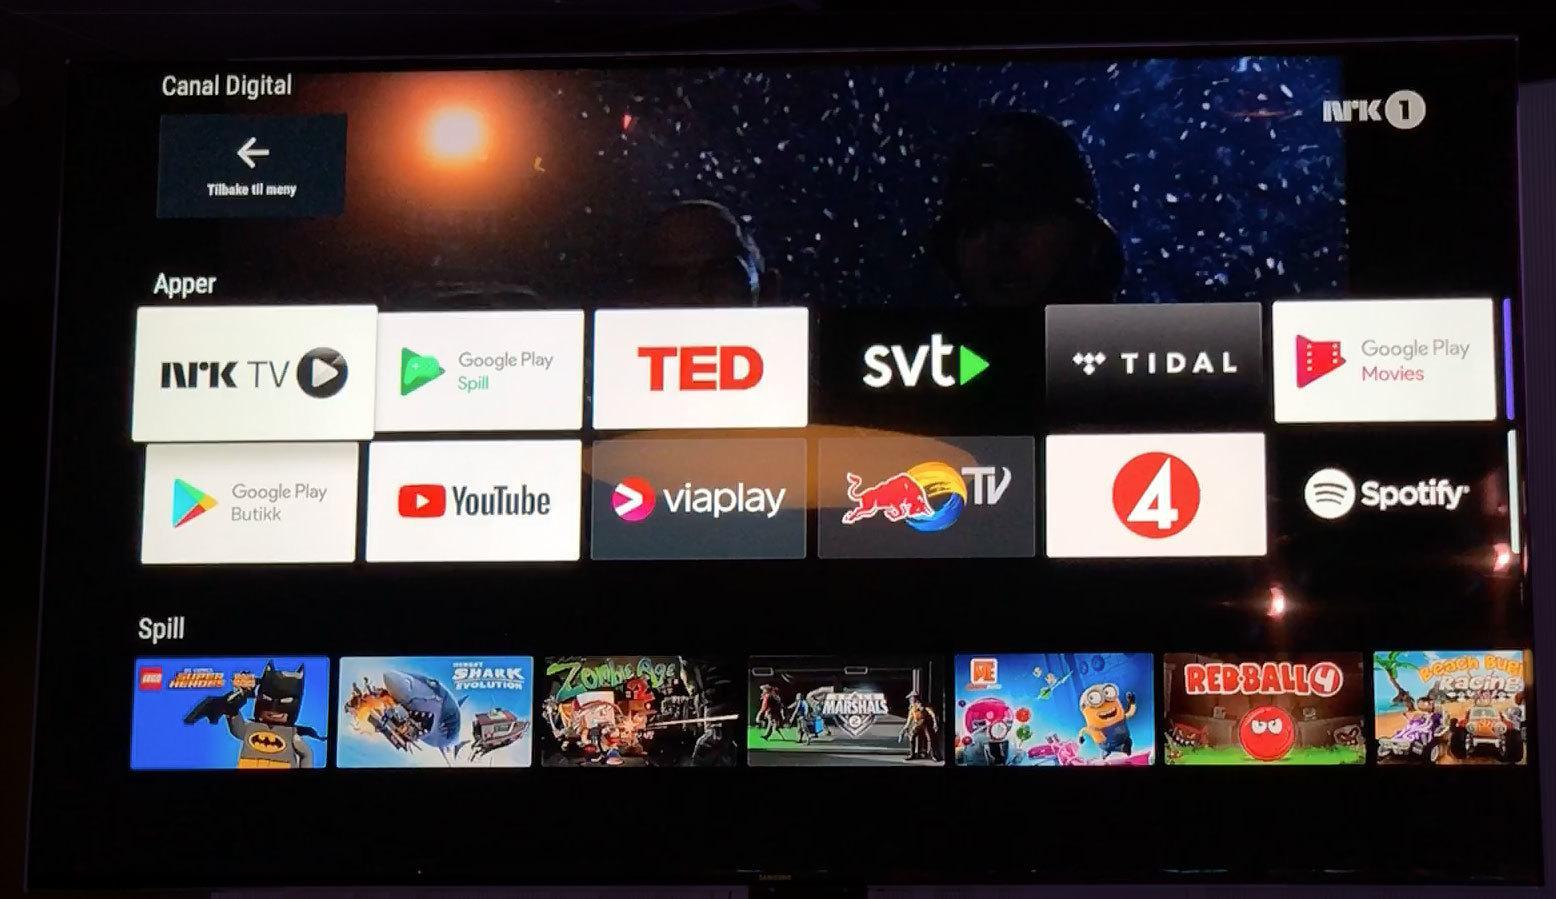 Slik ser Google-området ut, hvor du har tilgang til tredjepartsapper og spill. Netflix er fortsatt ikke tilgjengelig.